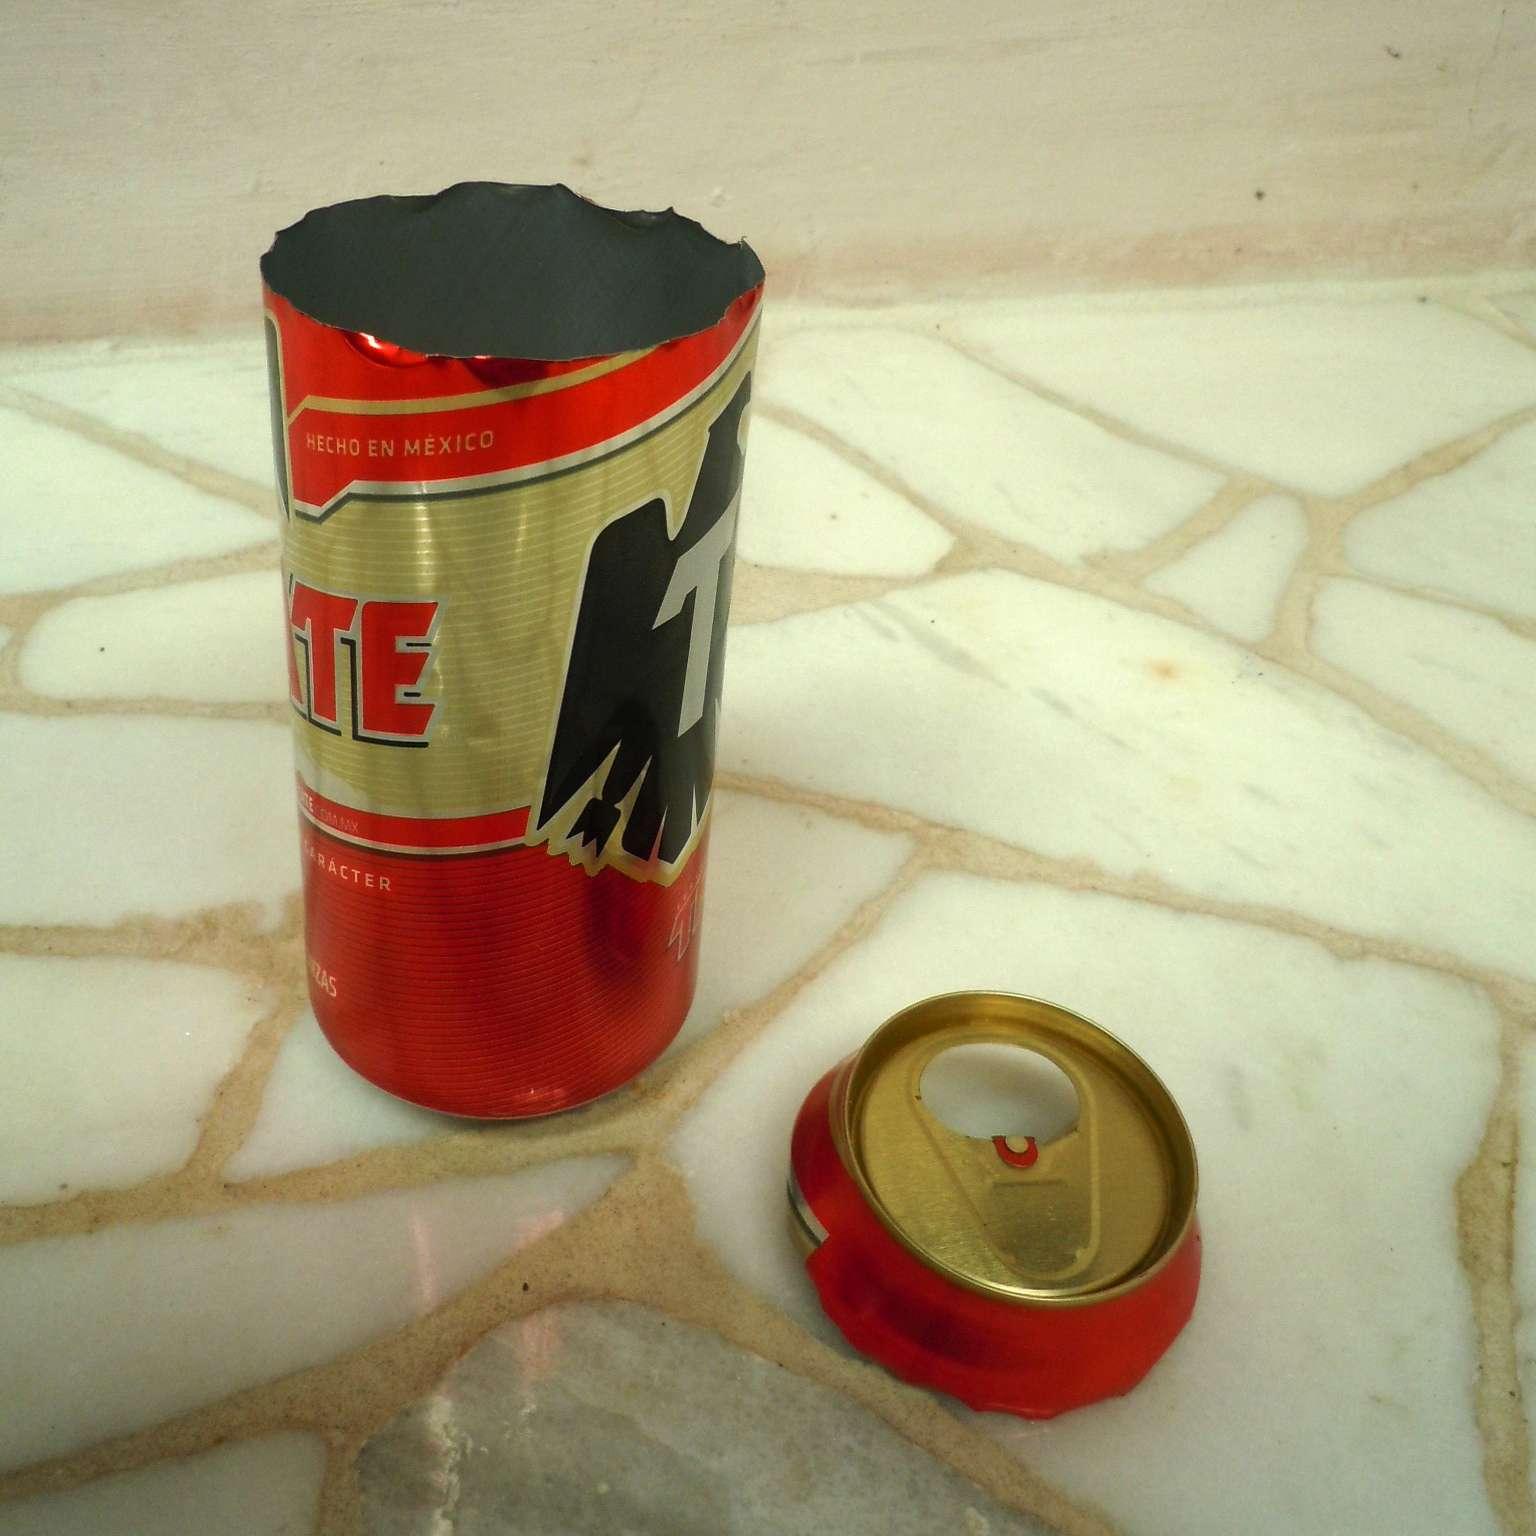 Primer paso: Corta la parte superior de la lata